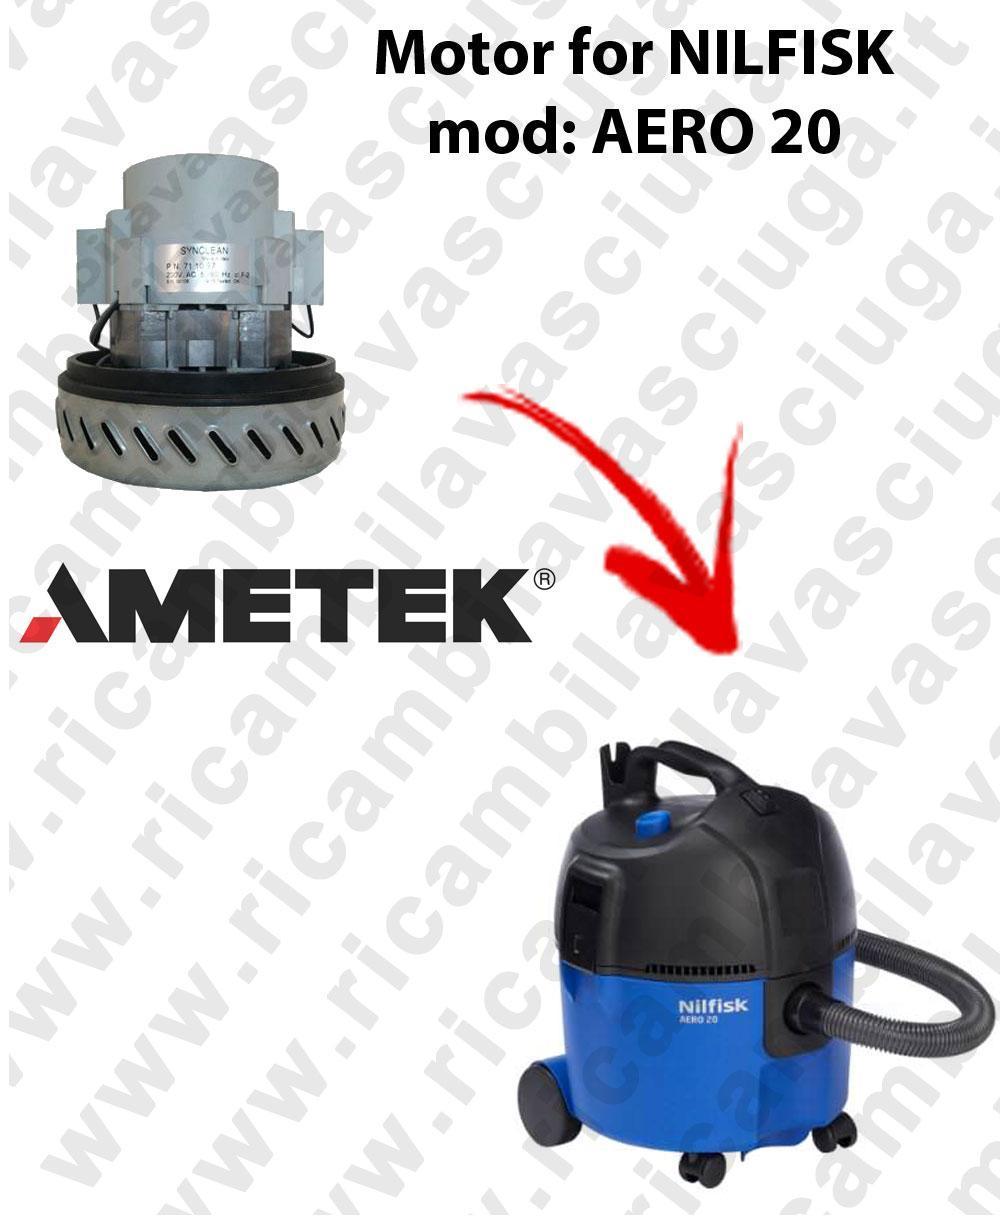 AERO 20 Saugmotor AMETEK für Staubsauger NILFISK